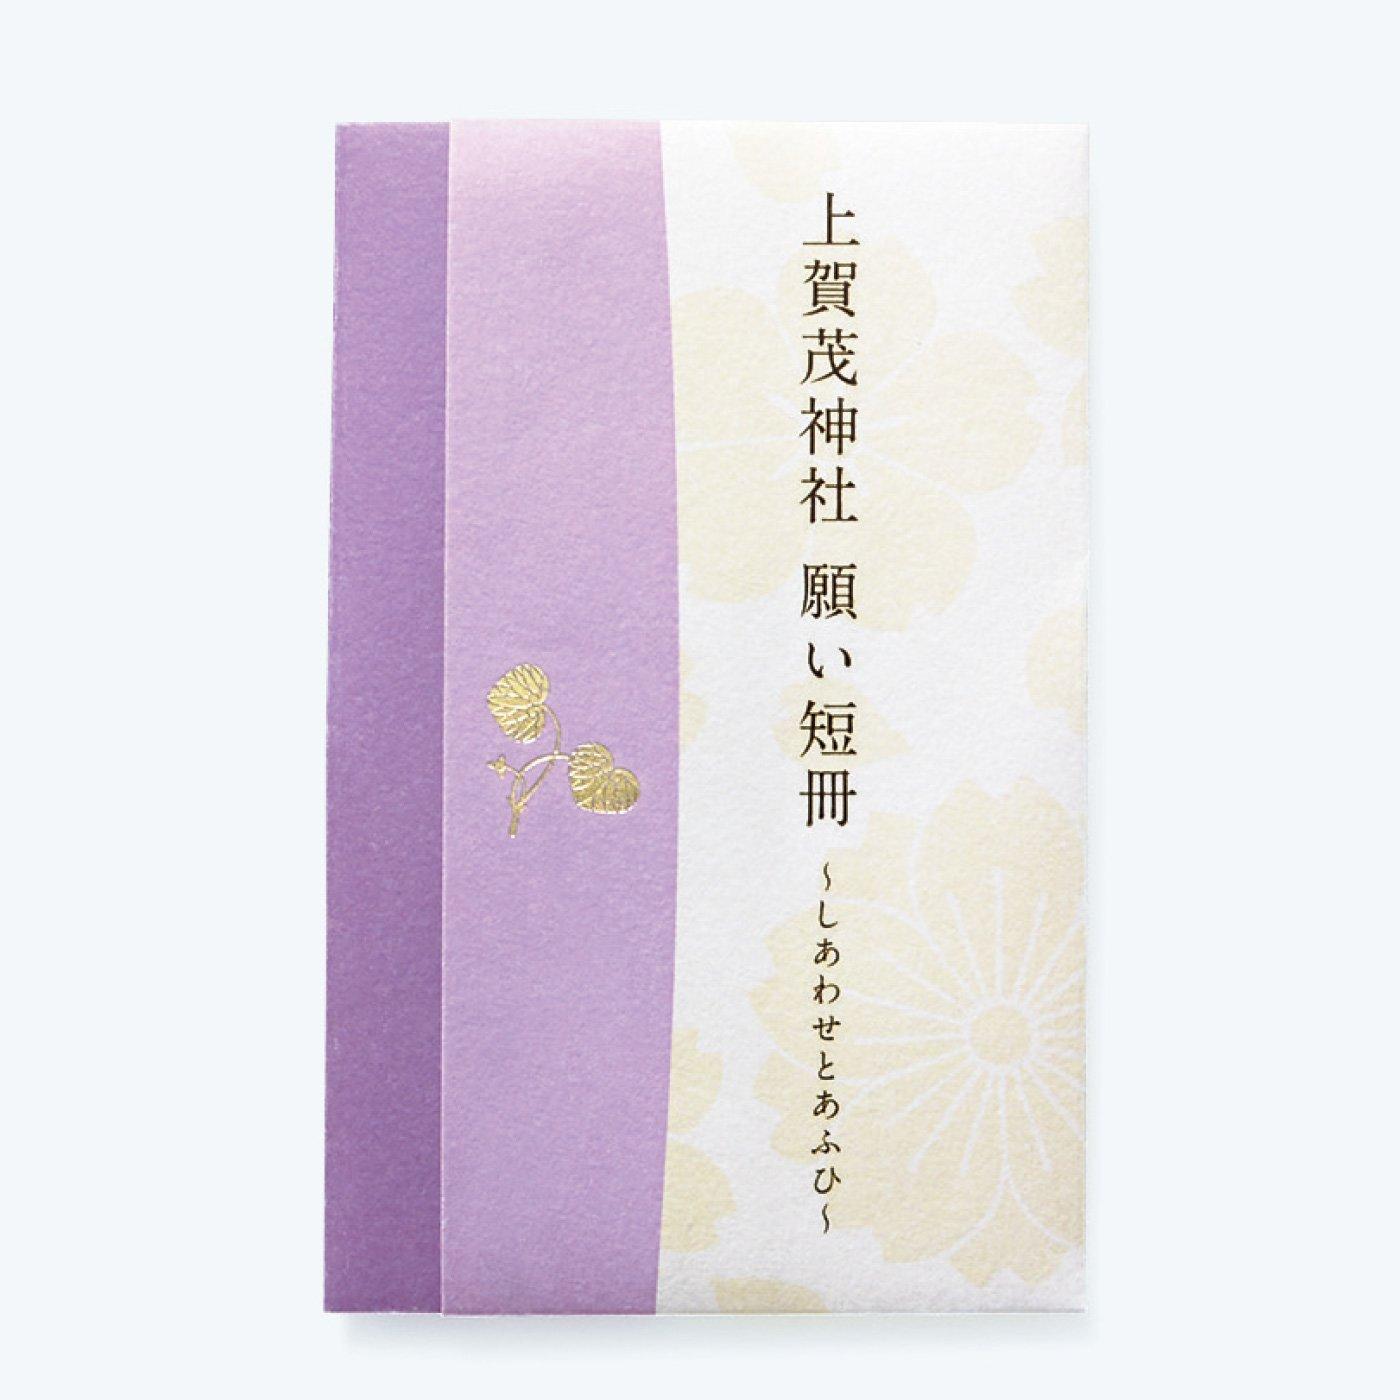 神社YELLプロジェクト 上賀茂神社願い短冊~しあわせとあふひ~の会